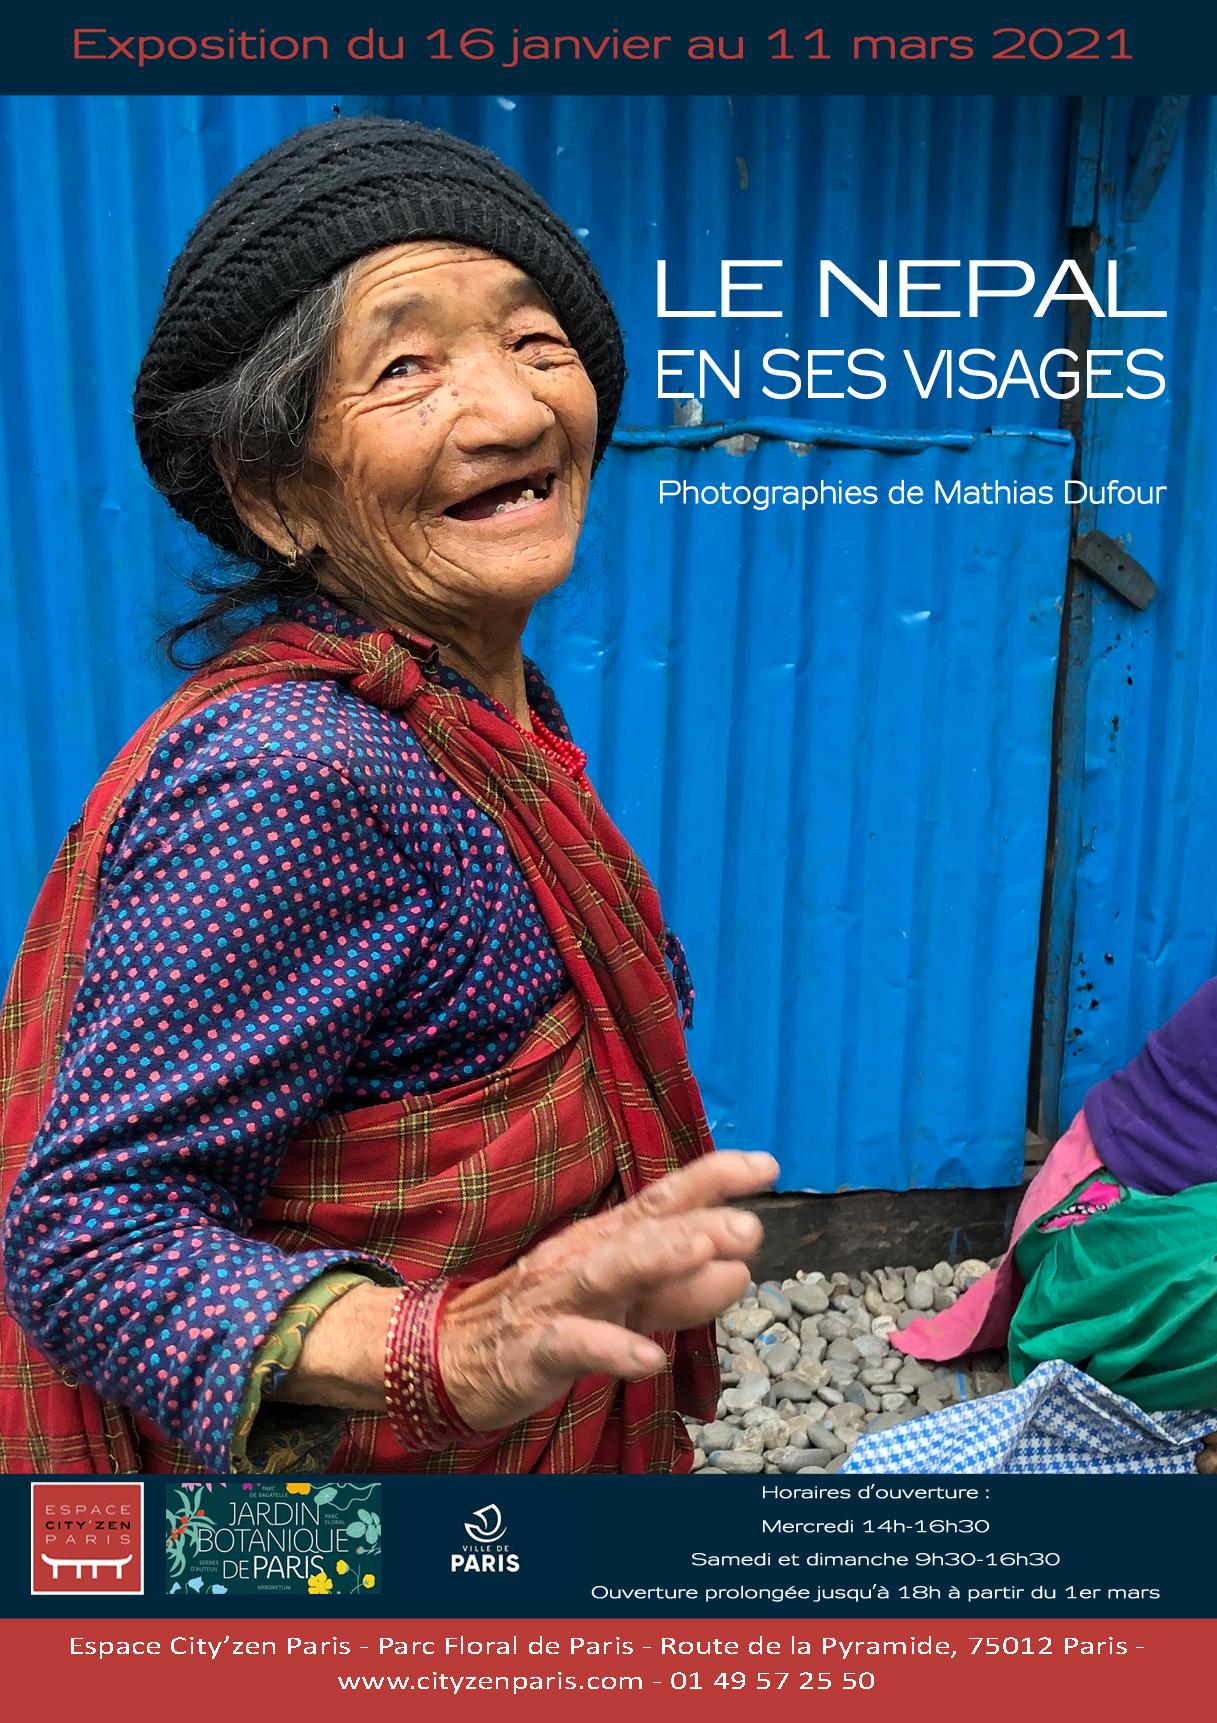 Exposition Le Népal en ses visages